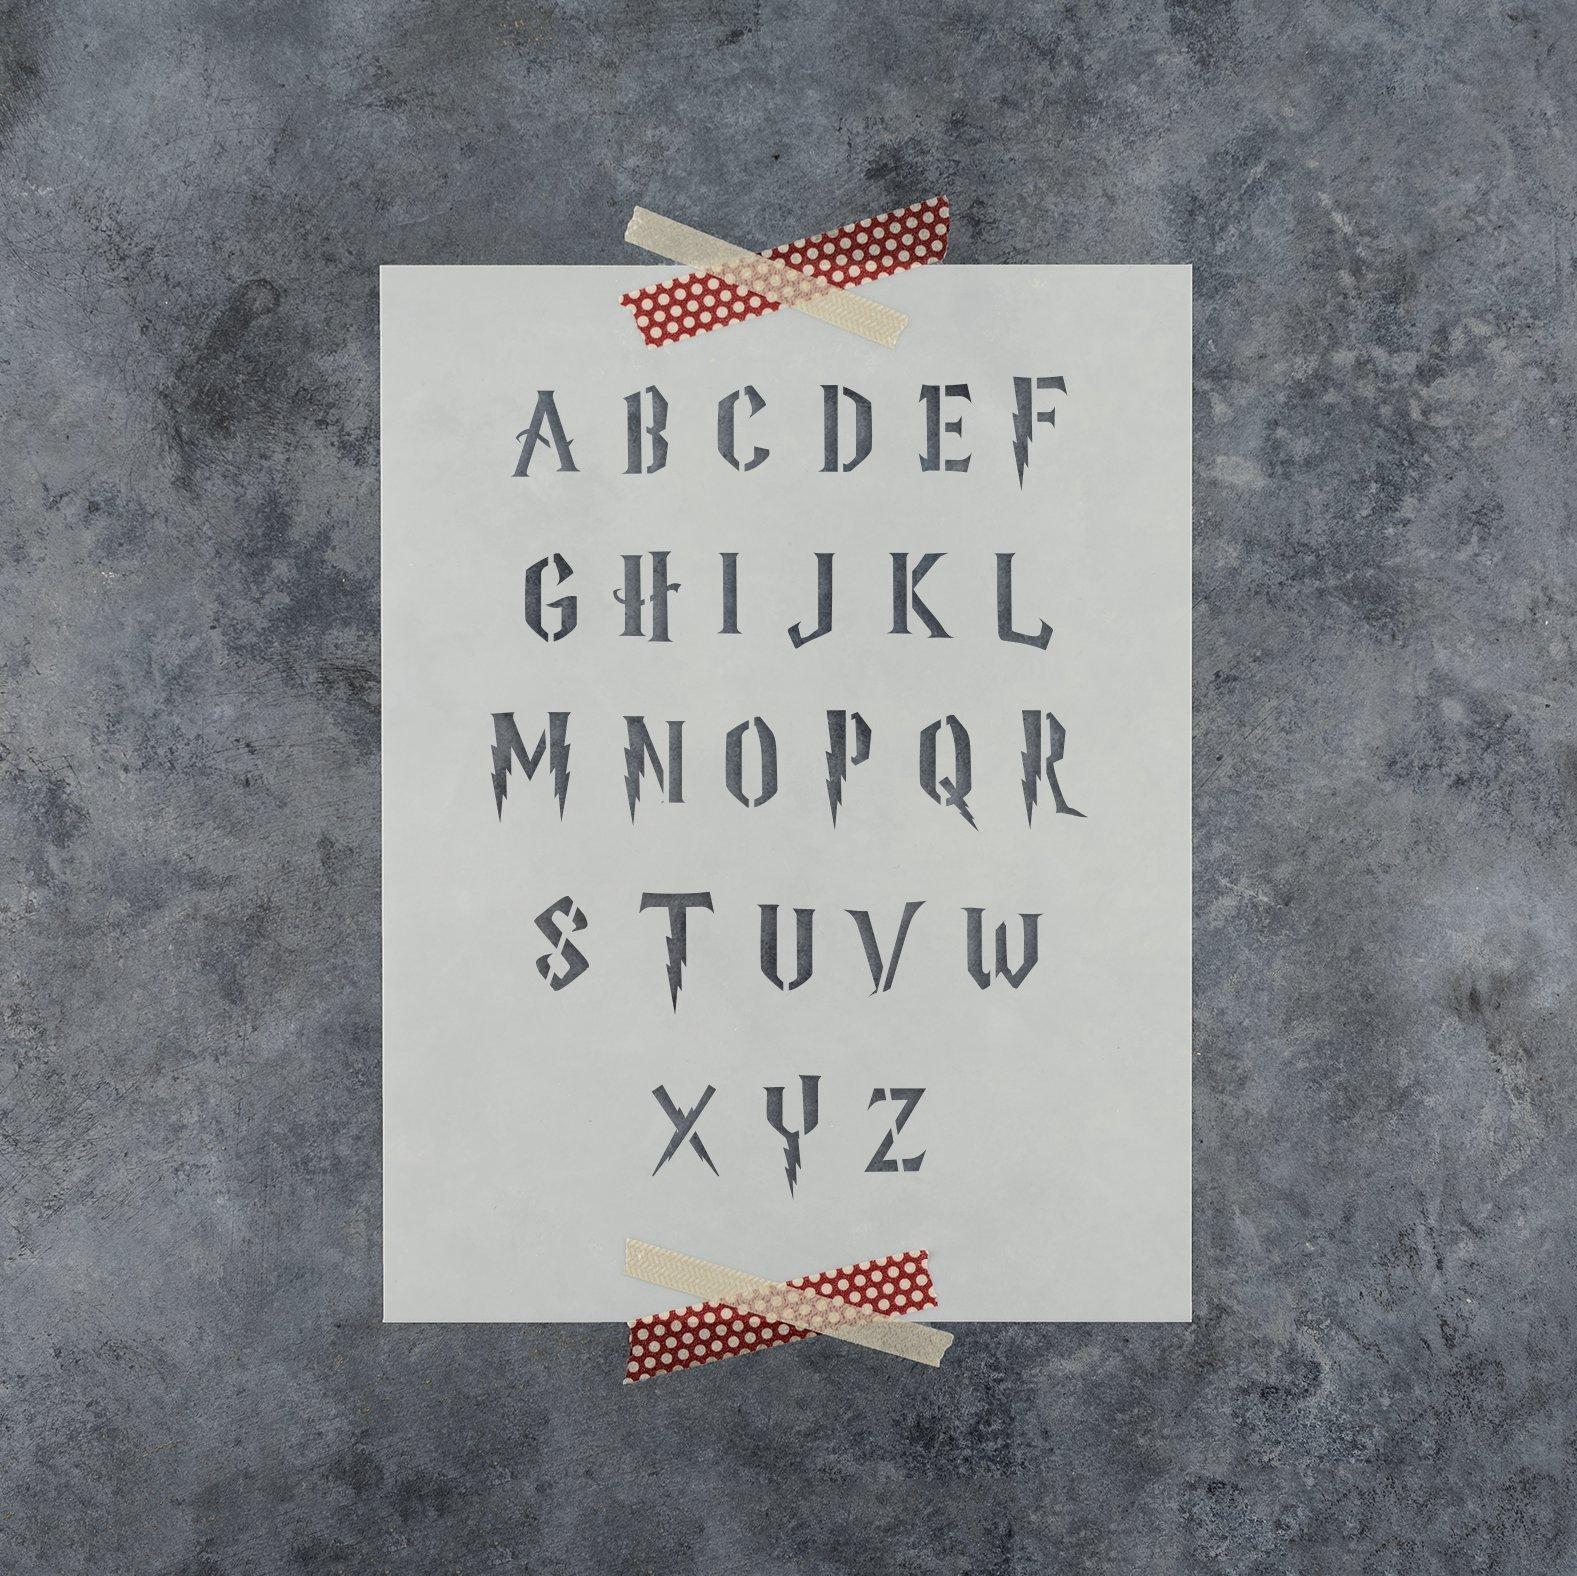 Letter Stencils Kit in Harry Potter Style - Full Plastic Alphabet Stencil Set - Durable 10 Mil Mylar (1'' Full Set)